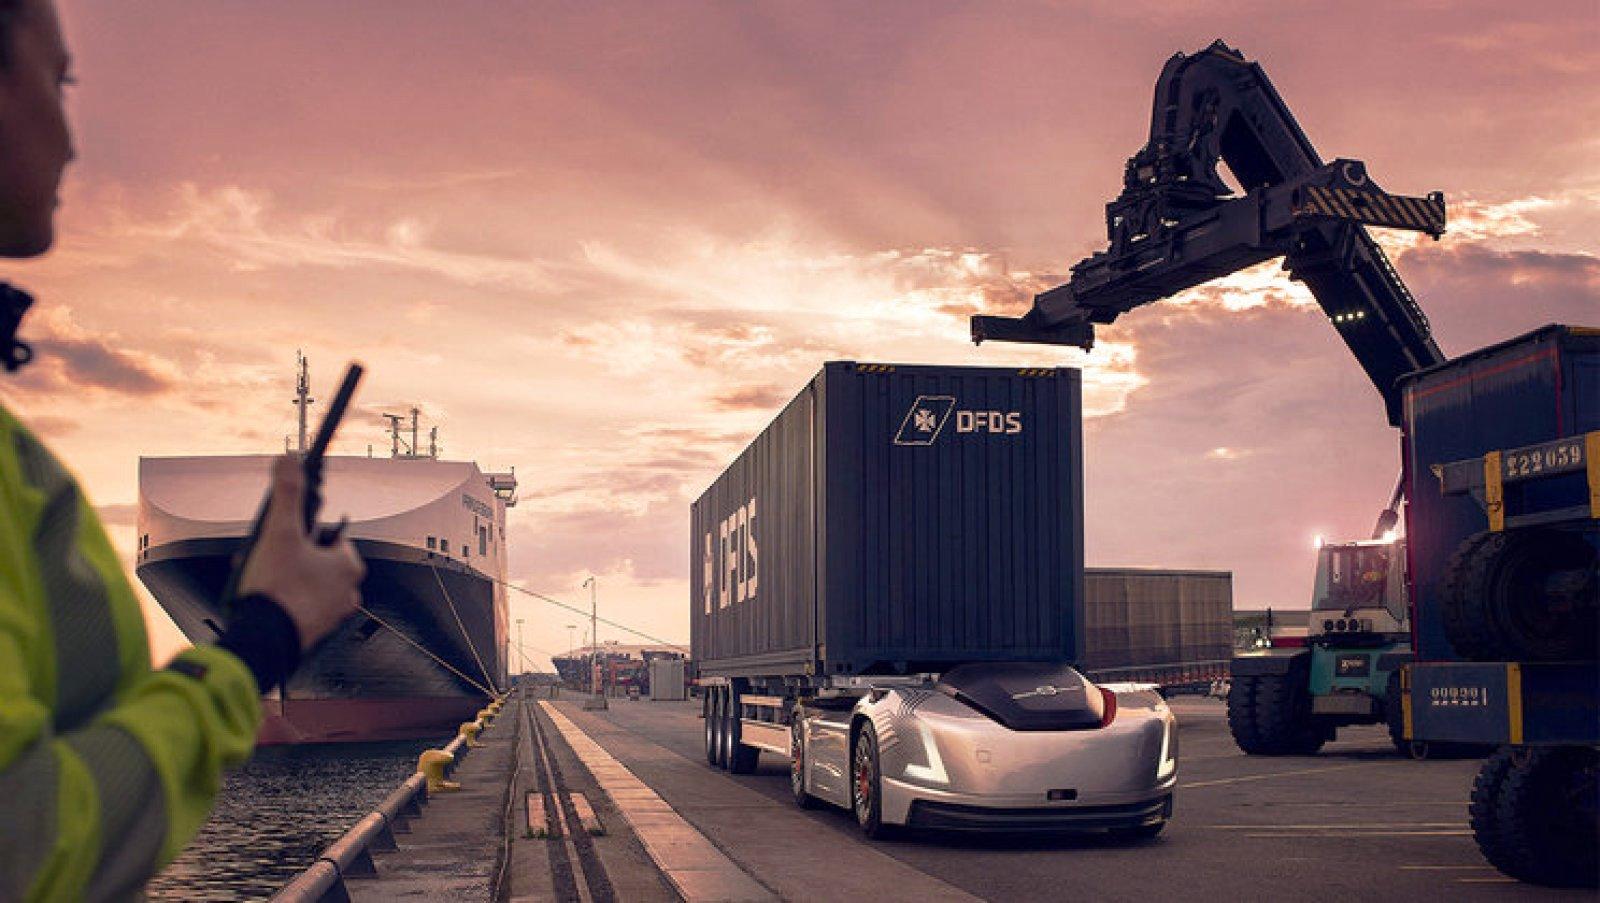 Volvo'nun otonom çekicisi, DFDS'de göreve başladı